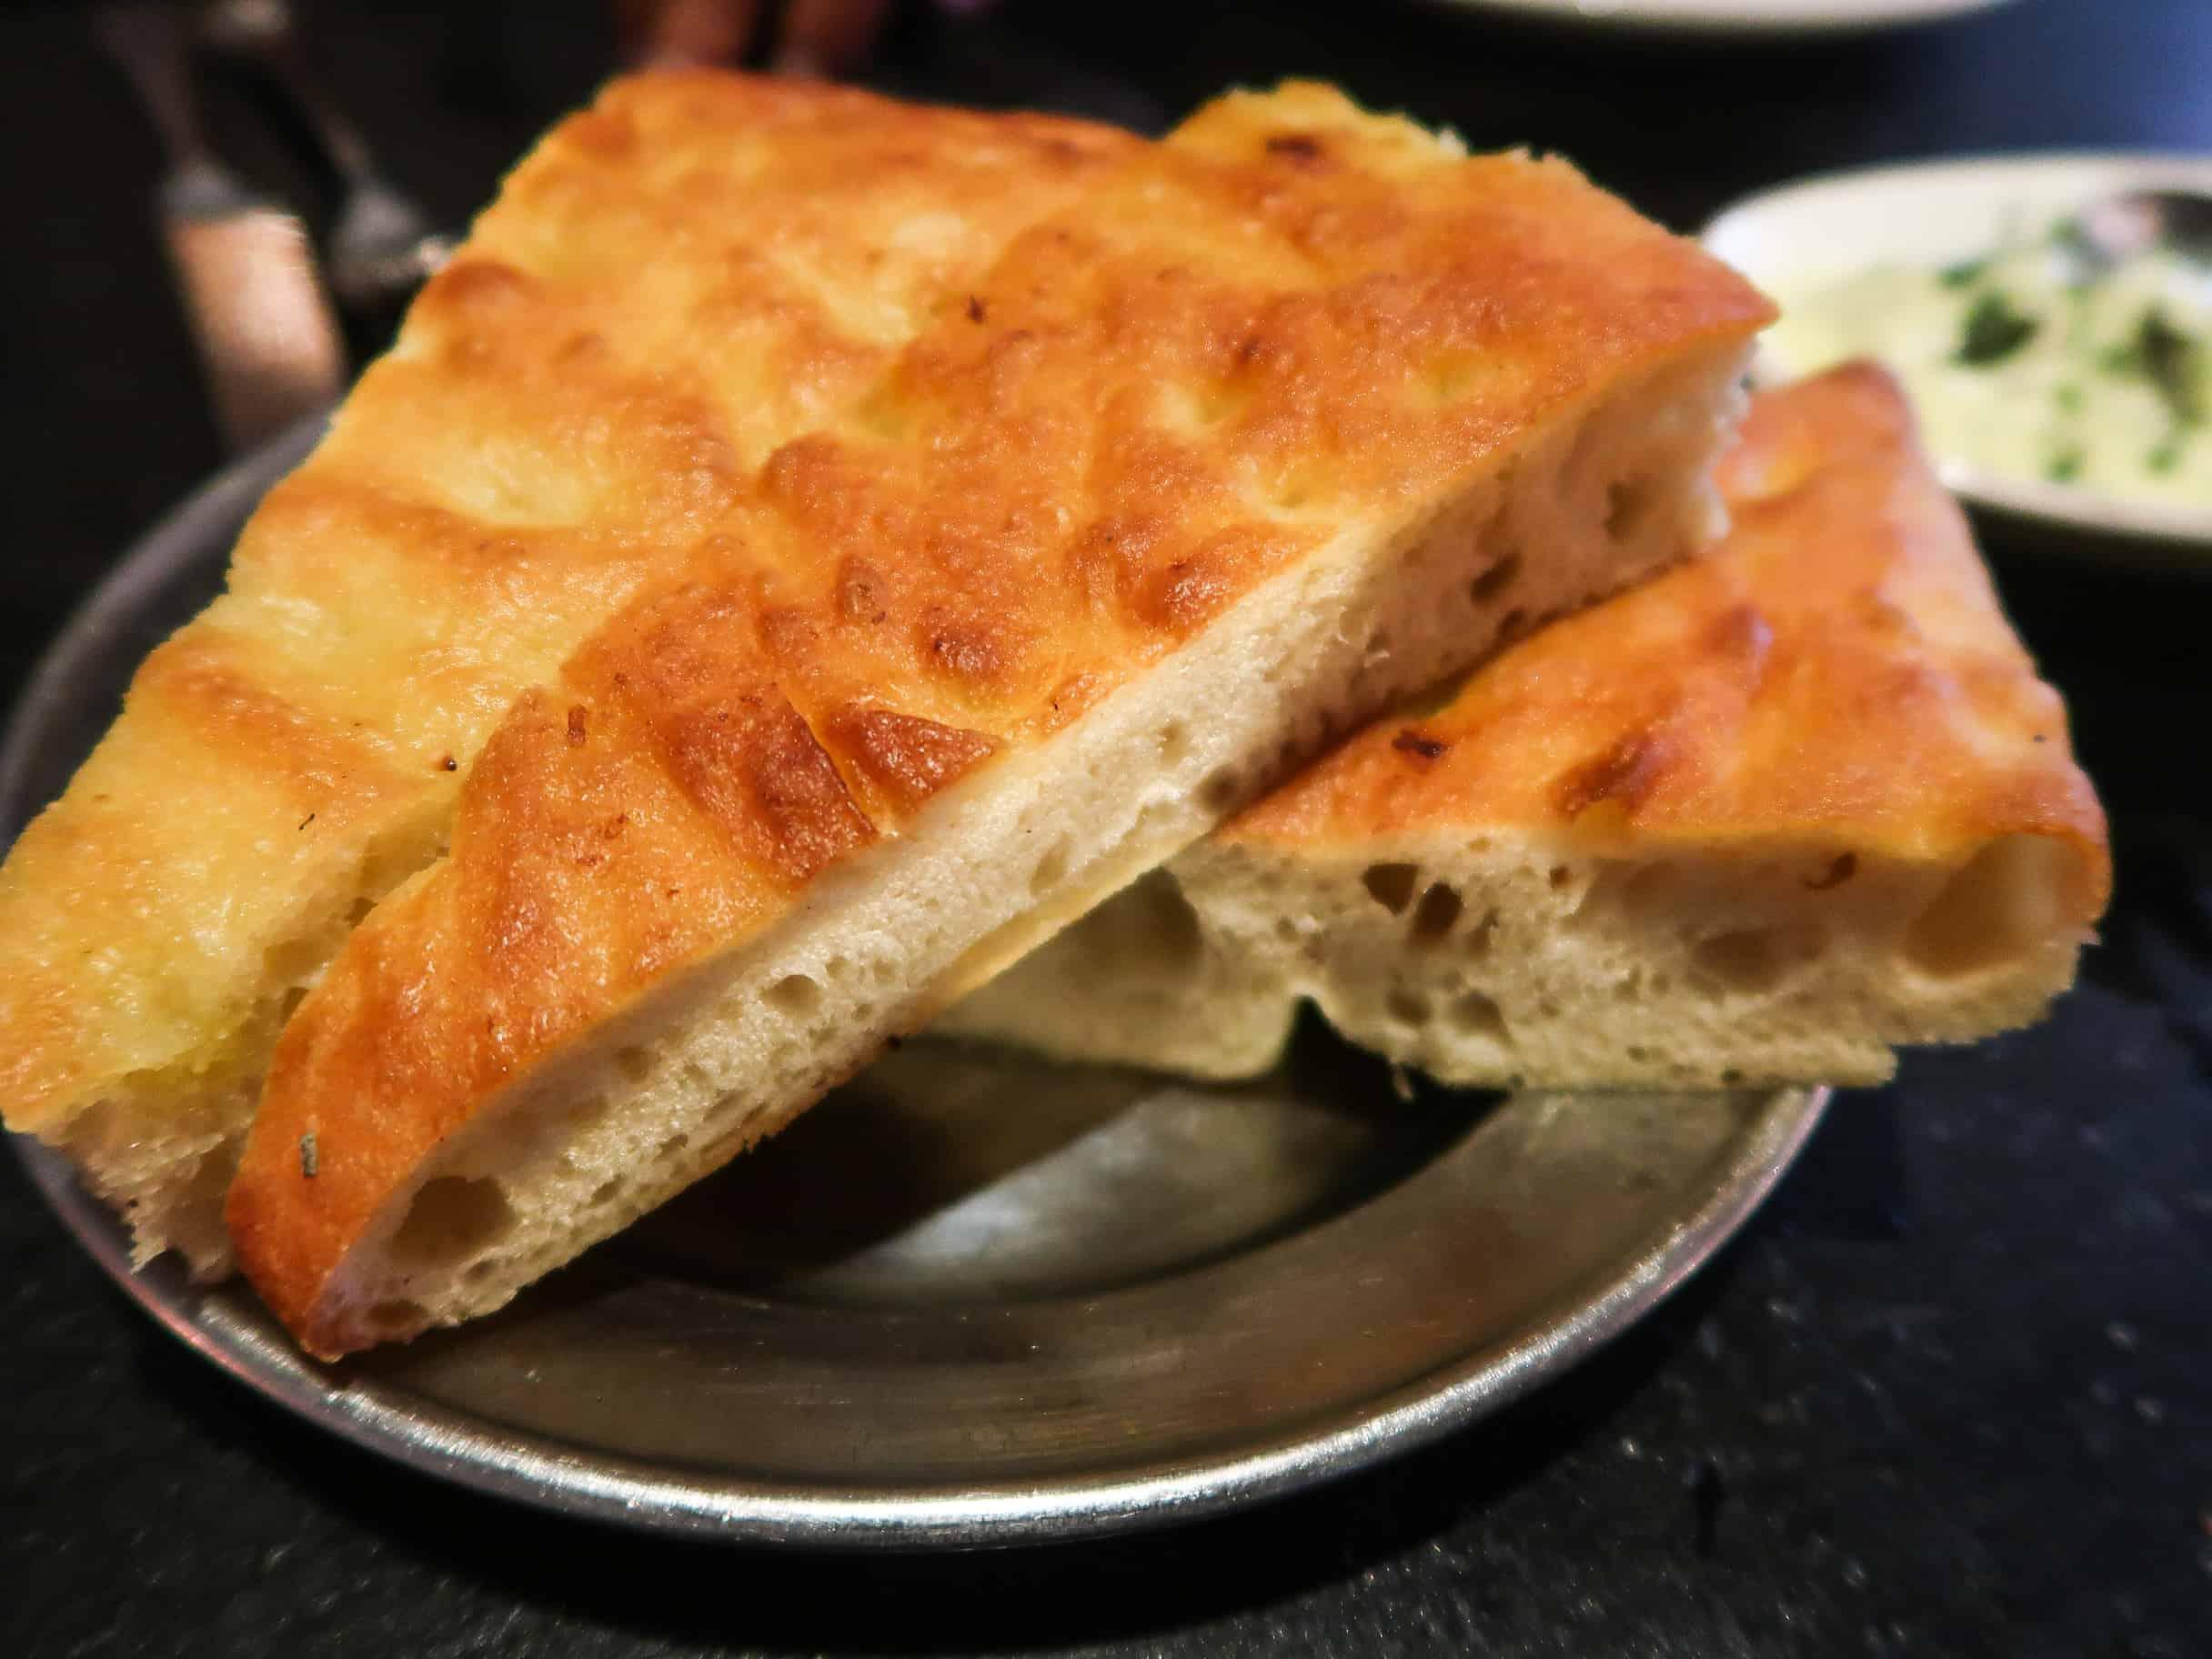 Yosma bread